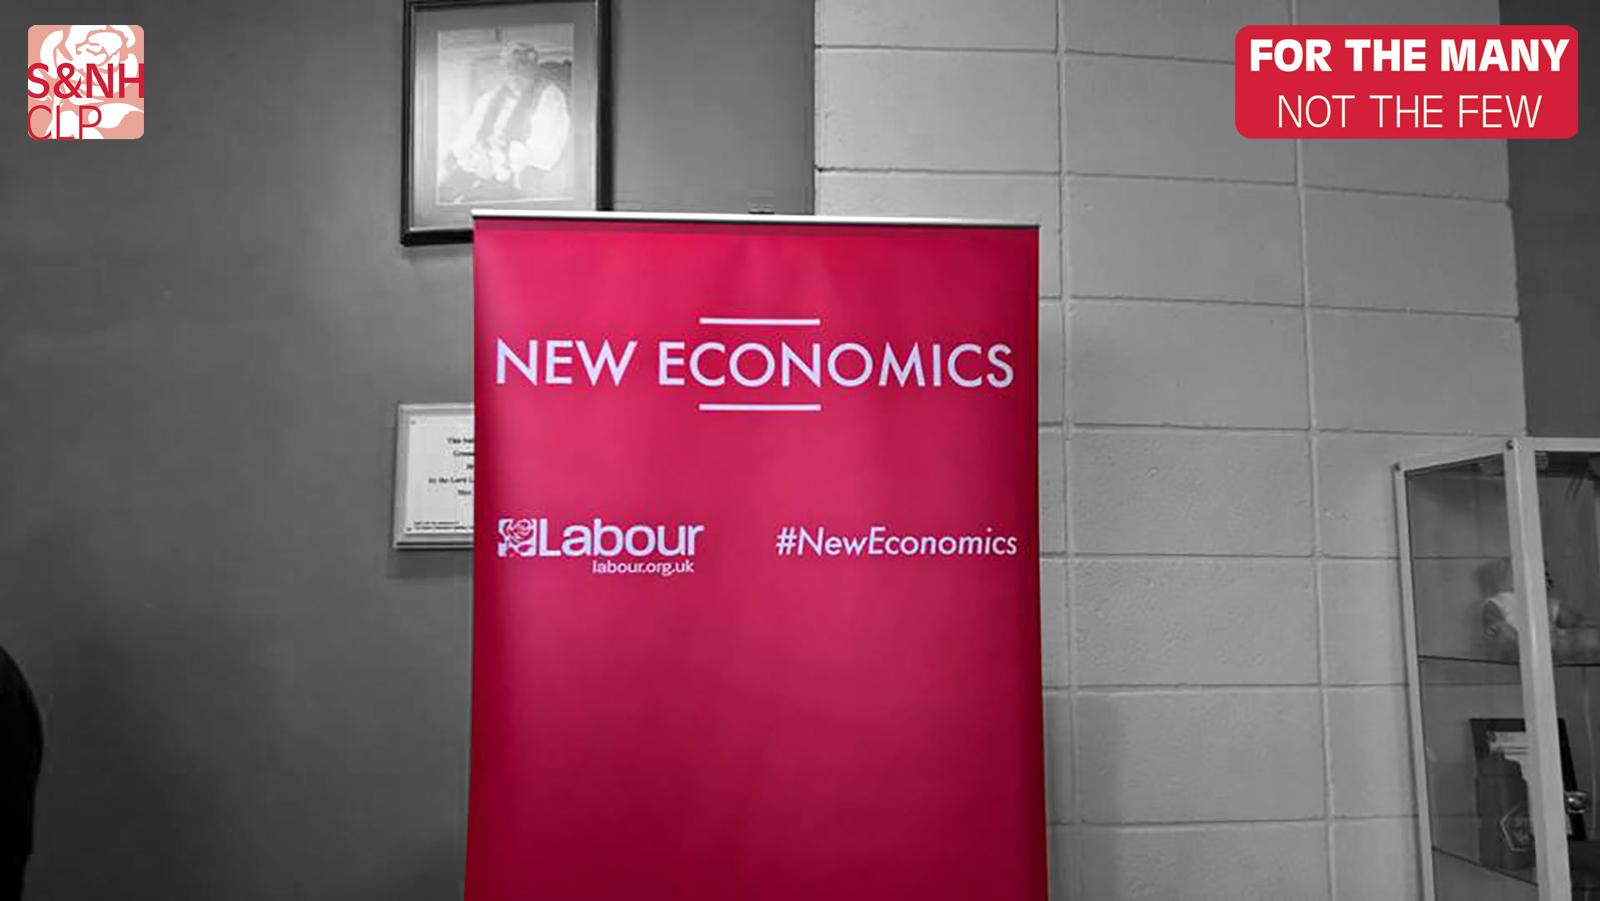 New_Economics_1.jpg